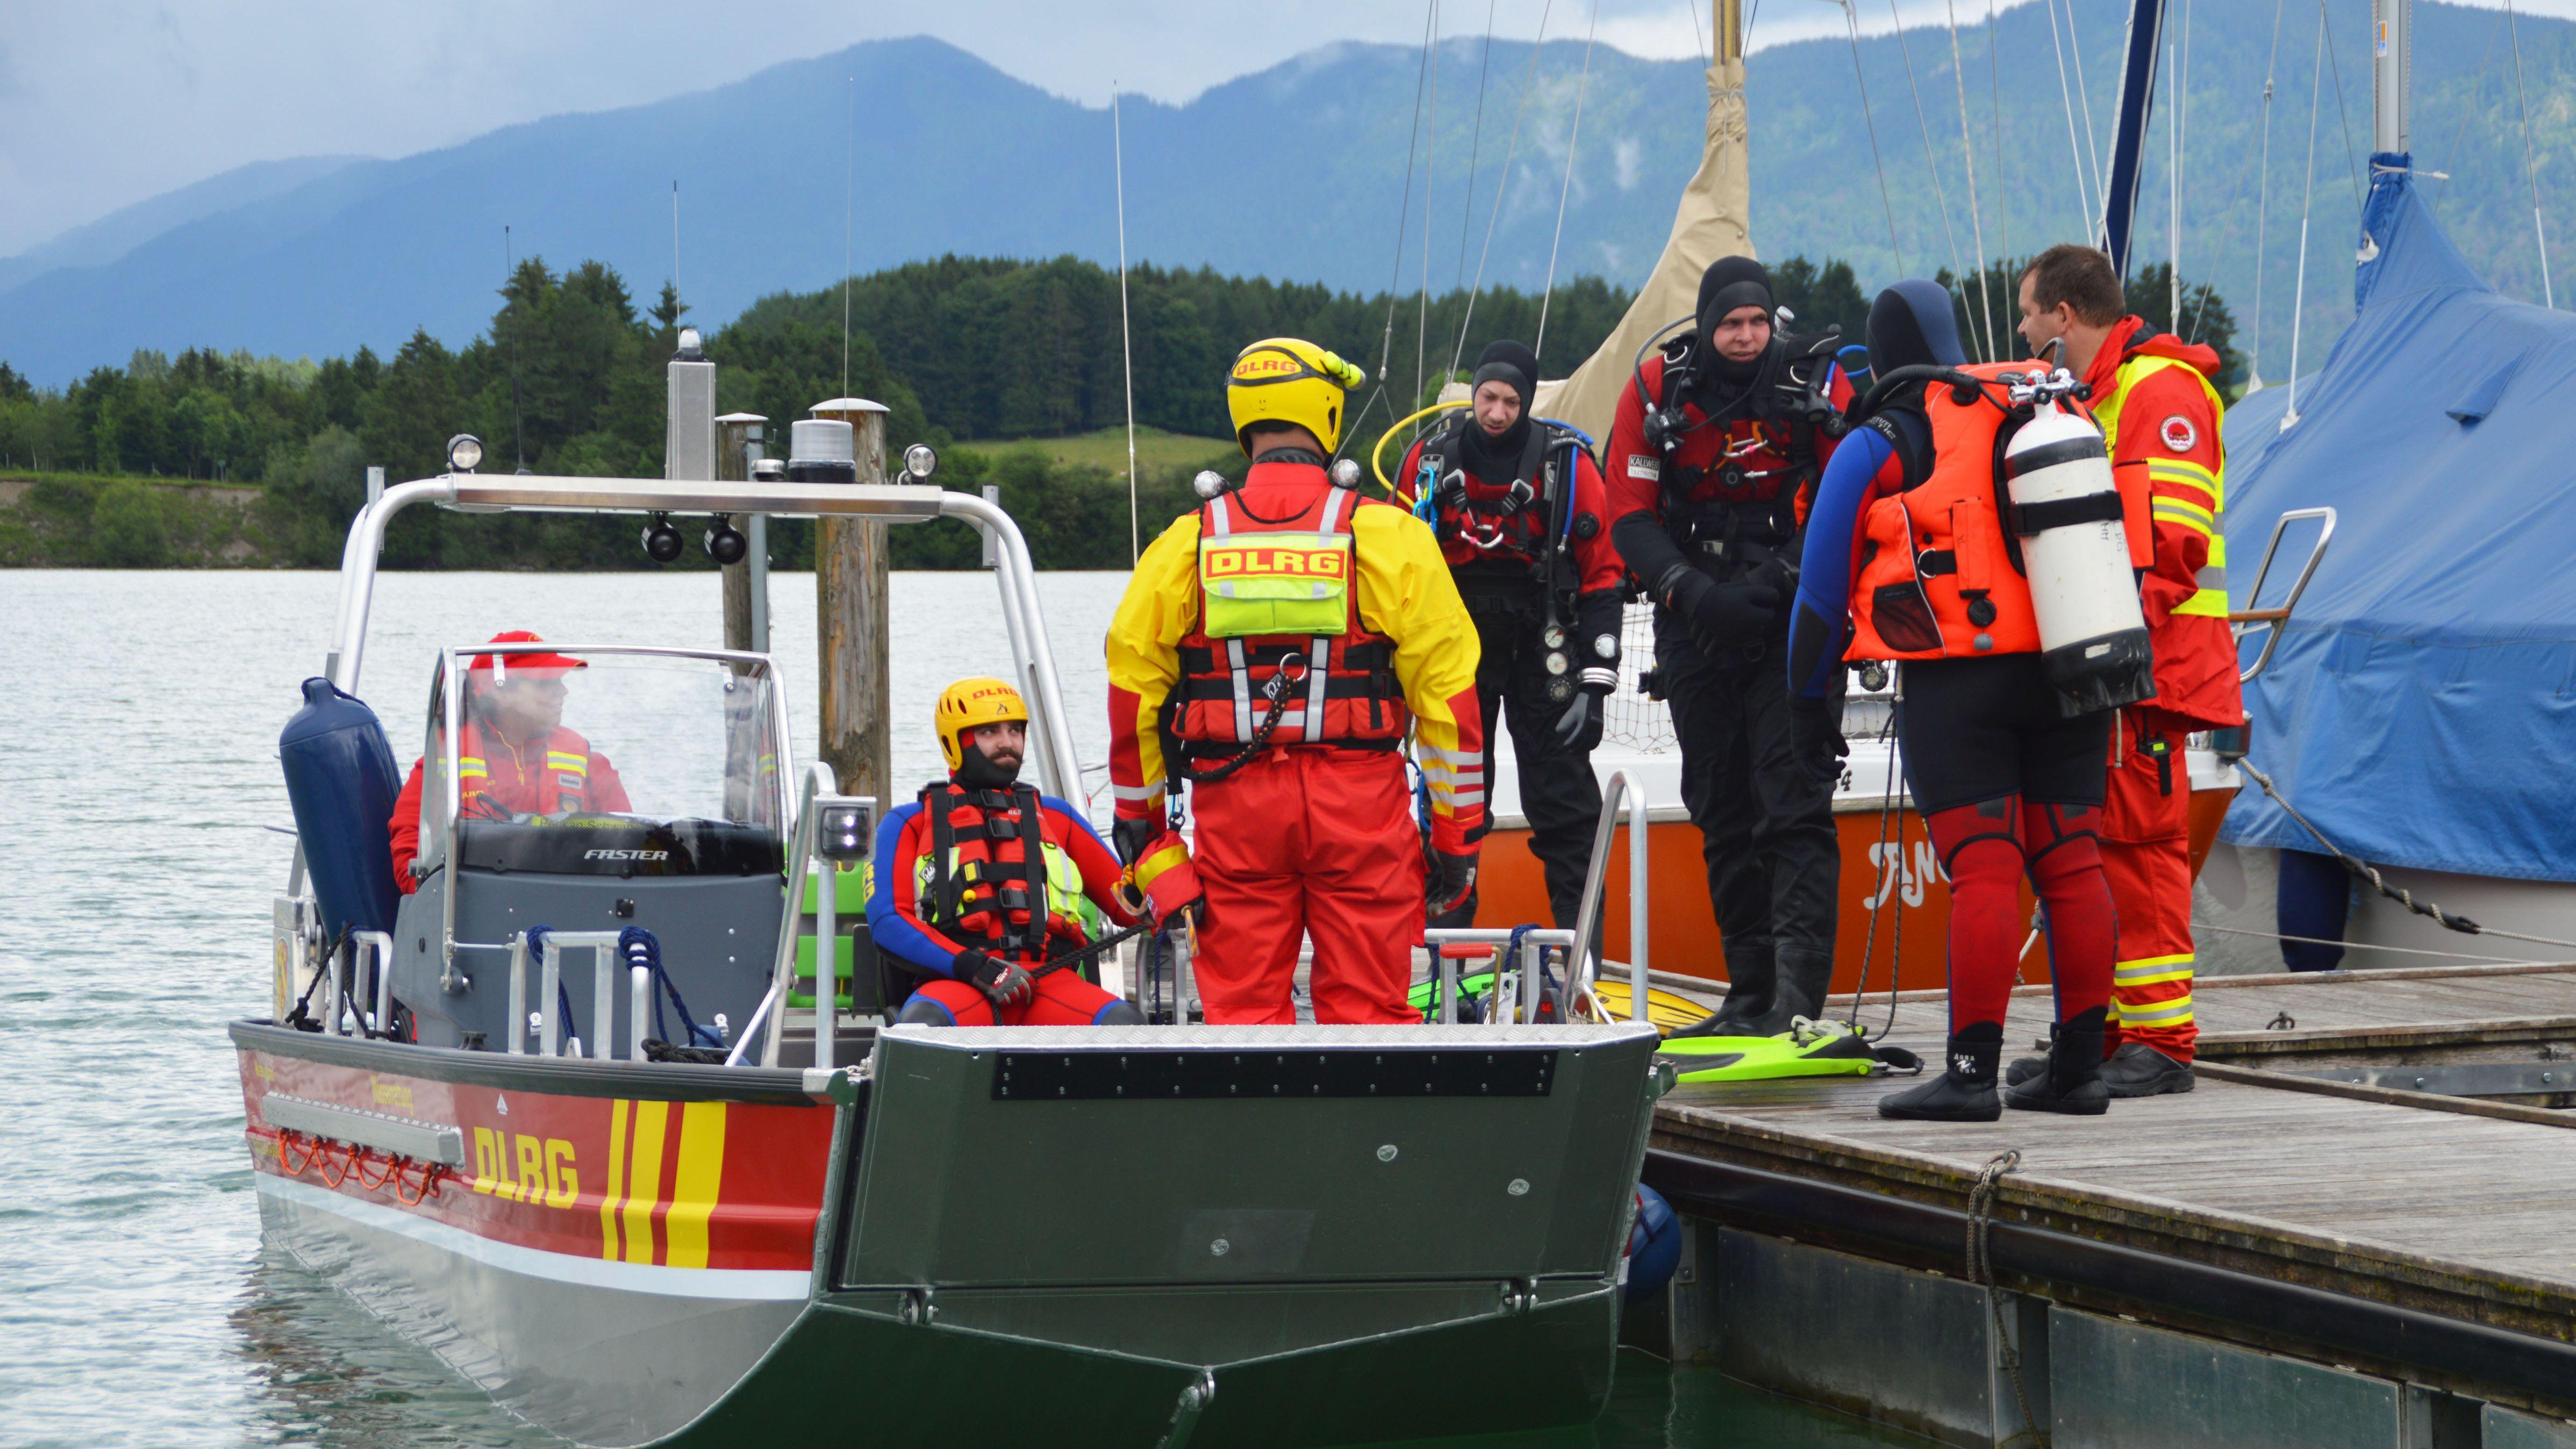 Wasserretter der DLRG in einem Rettungsboot, das an einem Steg liegt; auf dem Steg weitere Retter.